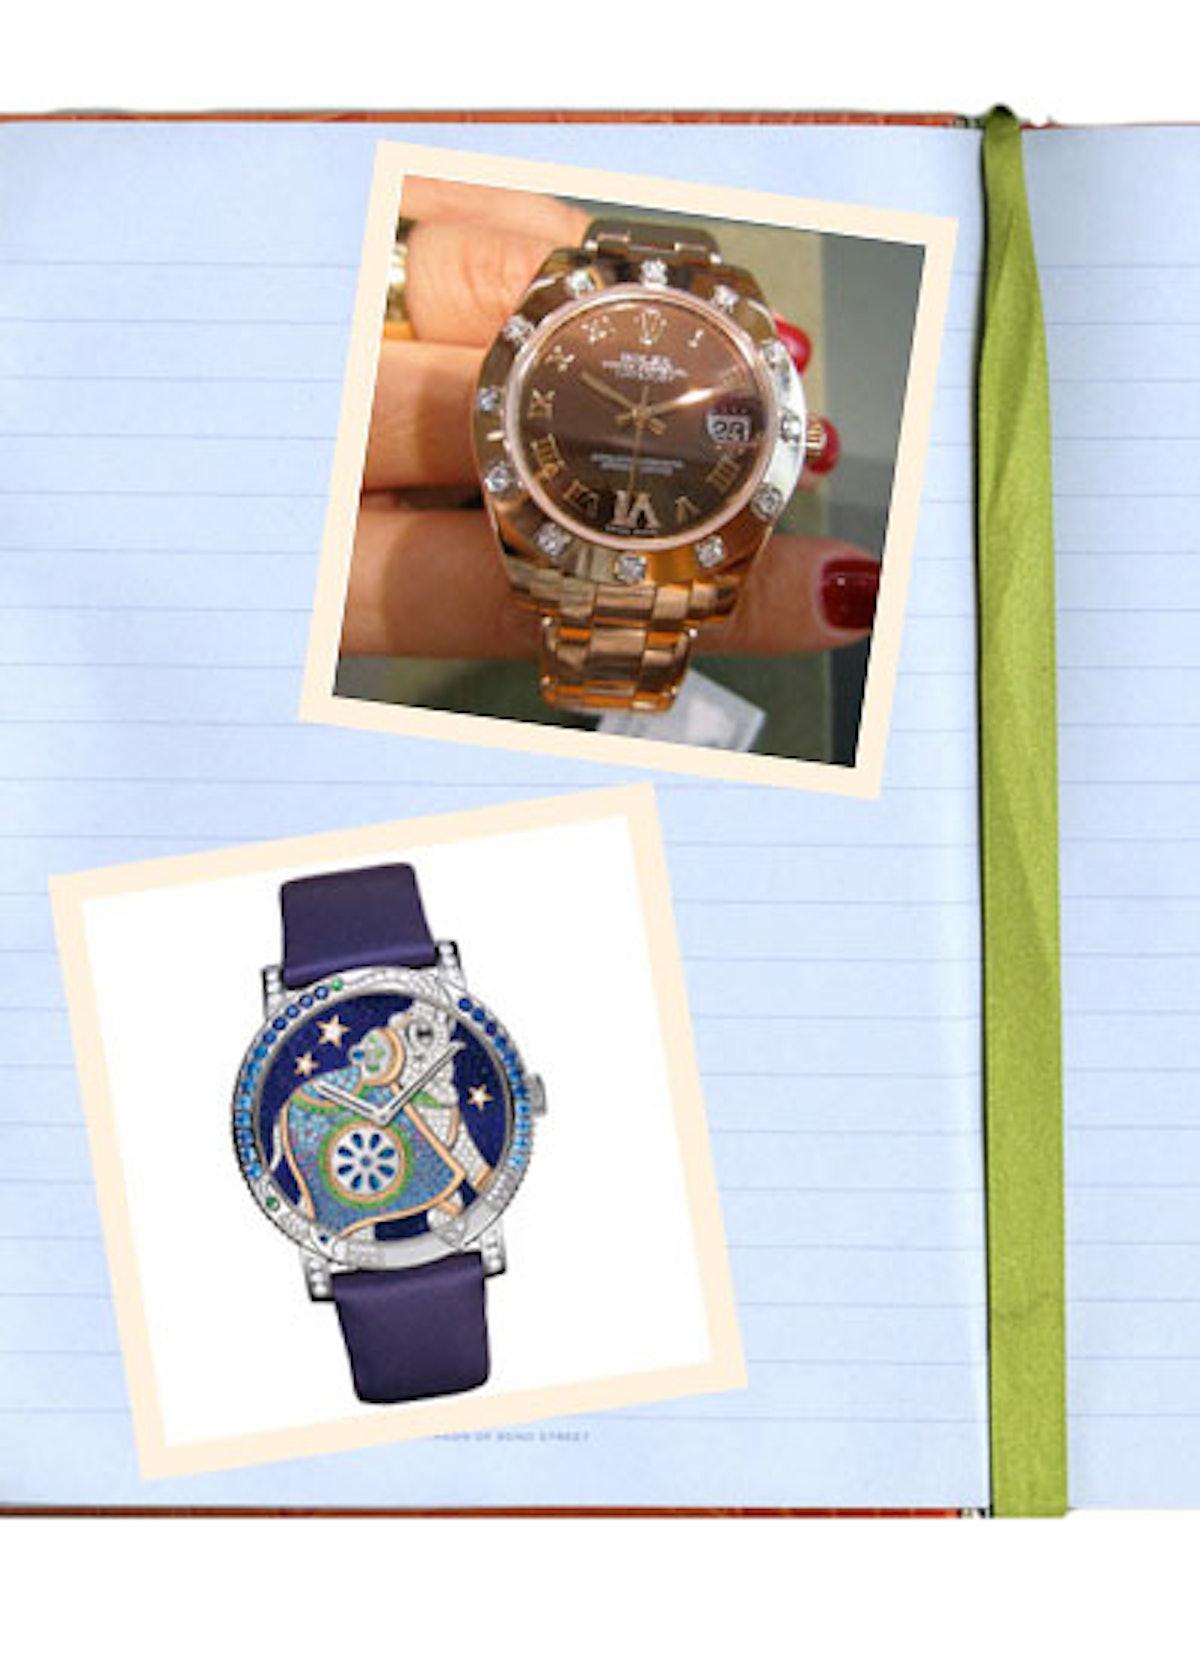 acss-basel-watch-fair-03-v.jpg